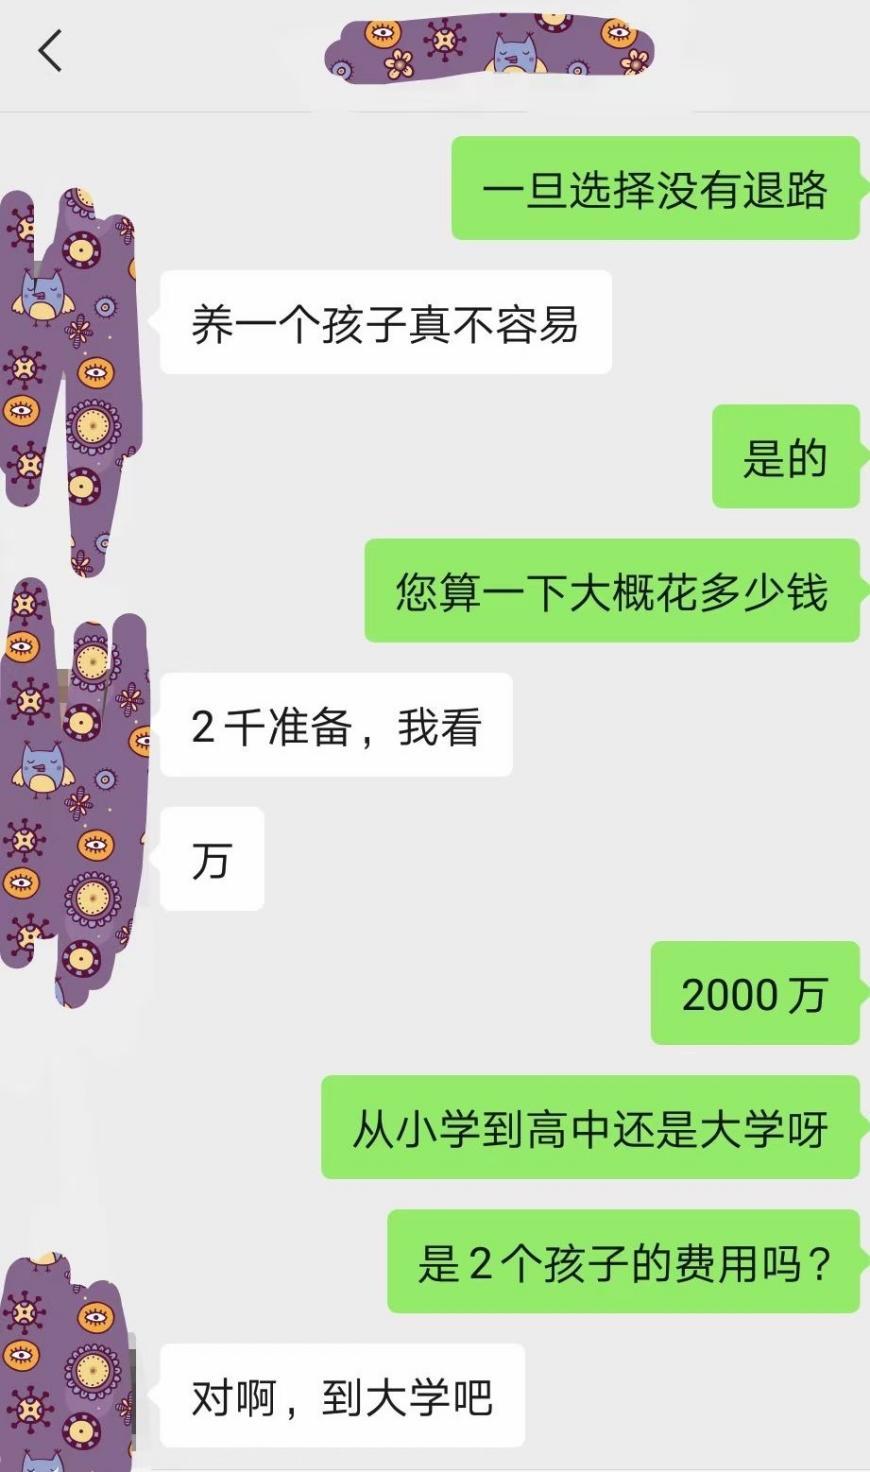 这个问题想想都会毛骨悚然:在深圳读国际化学校,1000万够不够?  数据 费用 深国交 第2张